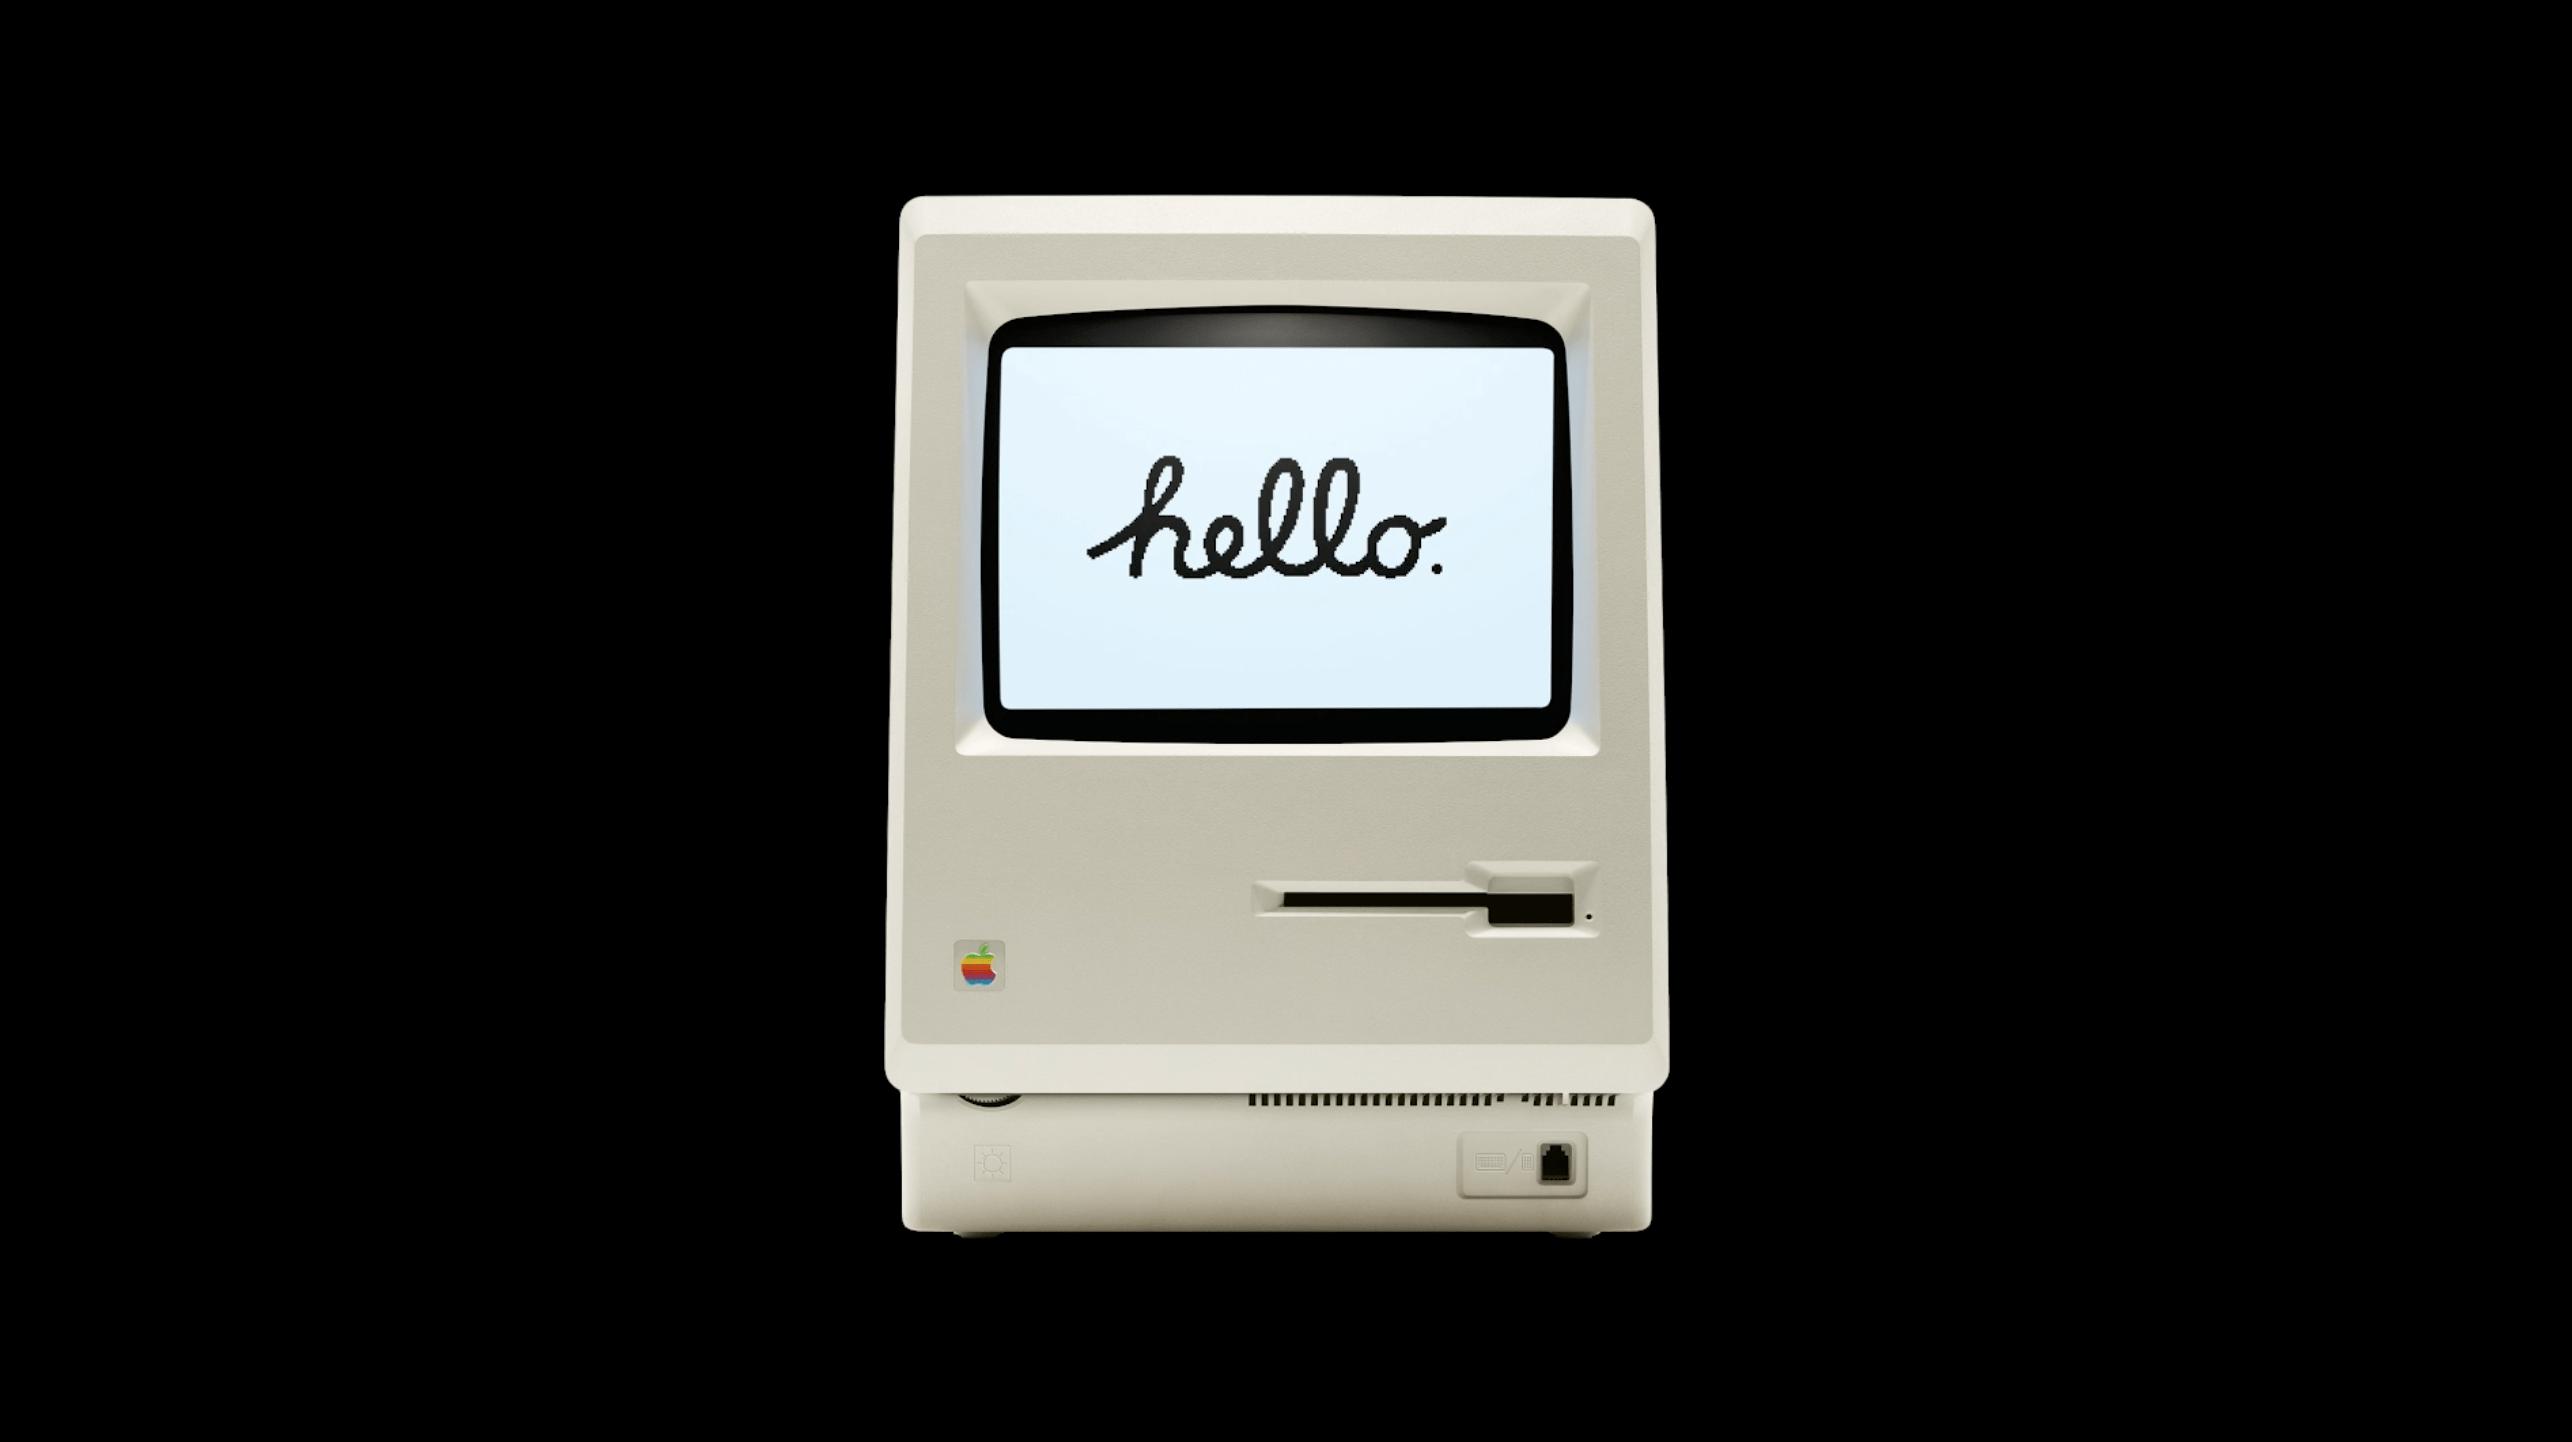 Skjermbilde 2020 06 22 kl. 20.26.06 - Apple Silicon innen utgangen av 2020